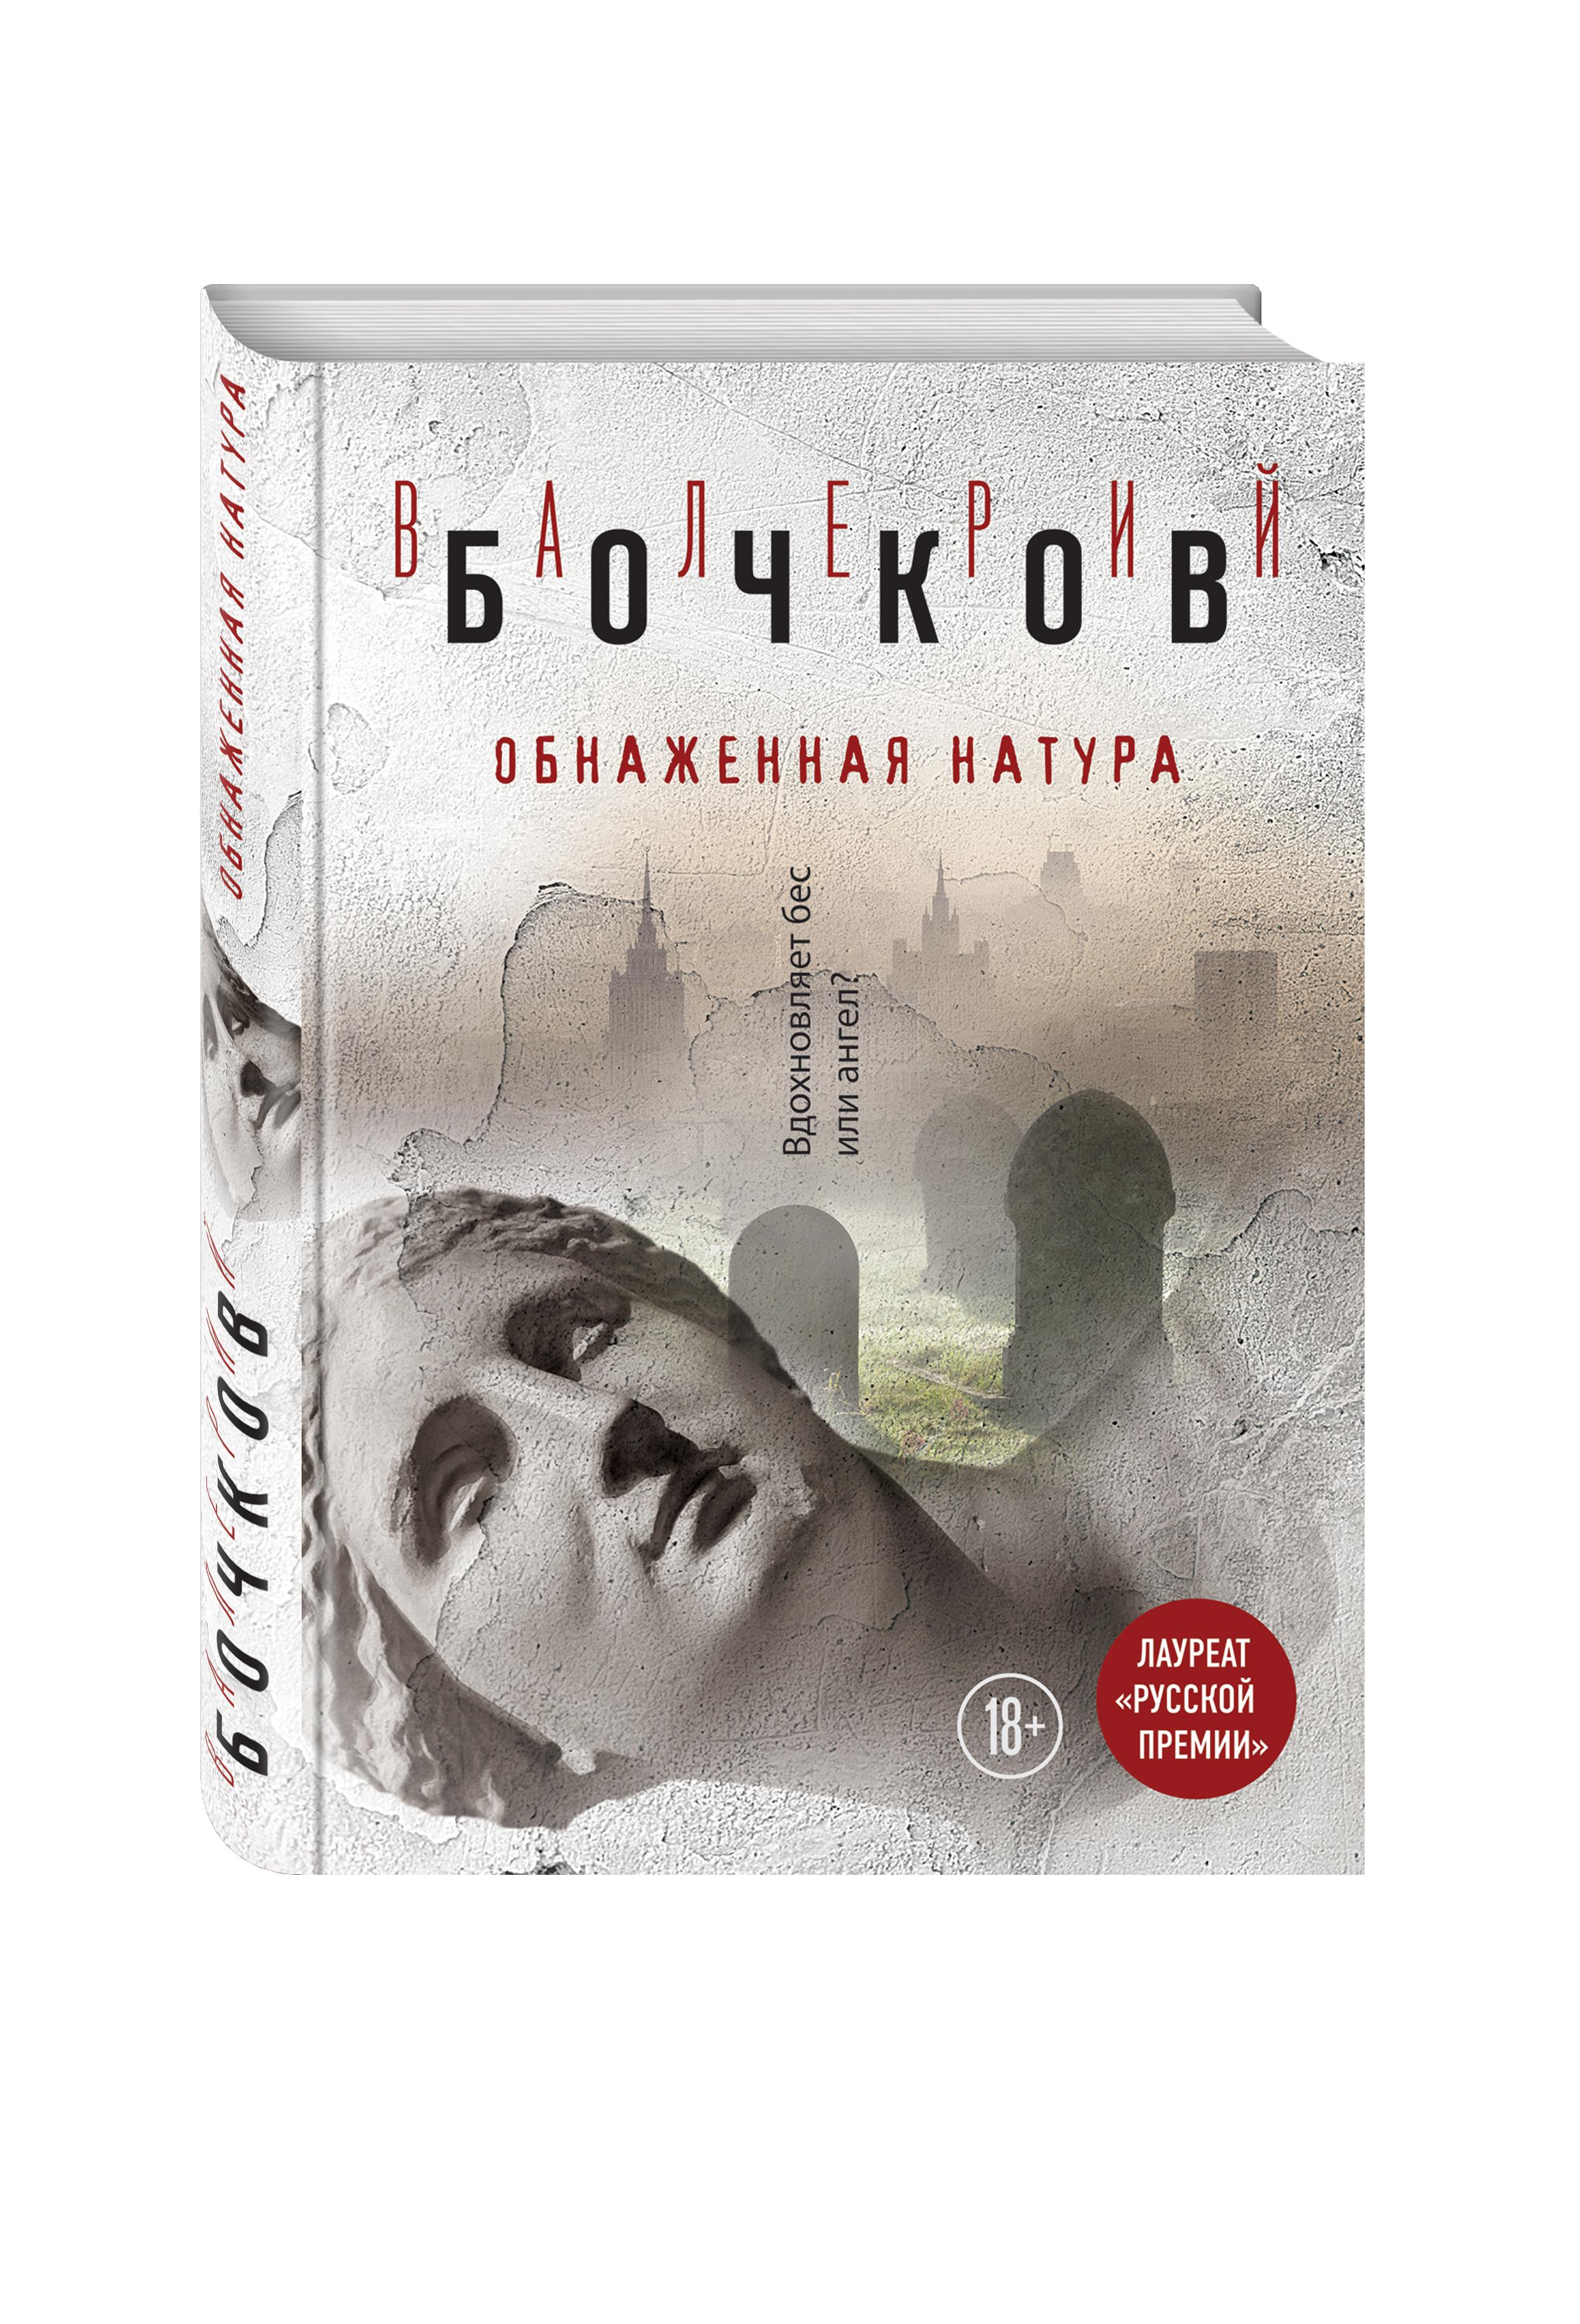 Бочков В.Б. Обнаженная натура